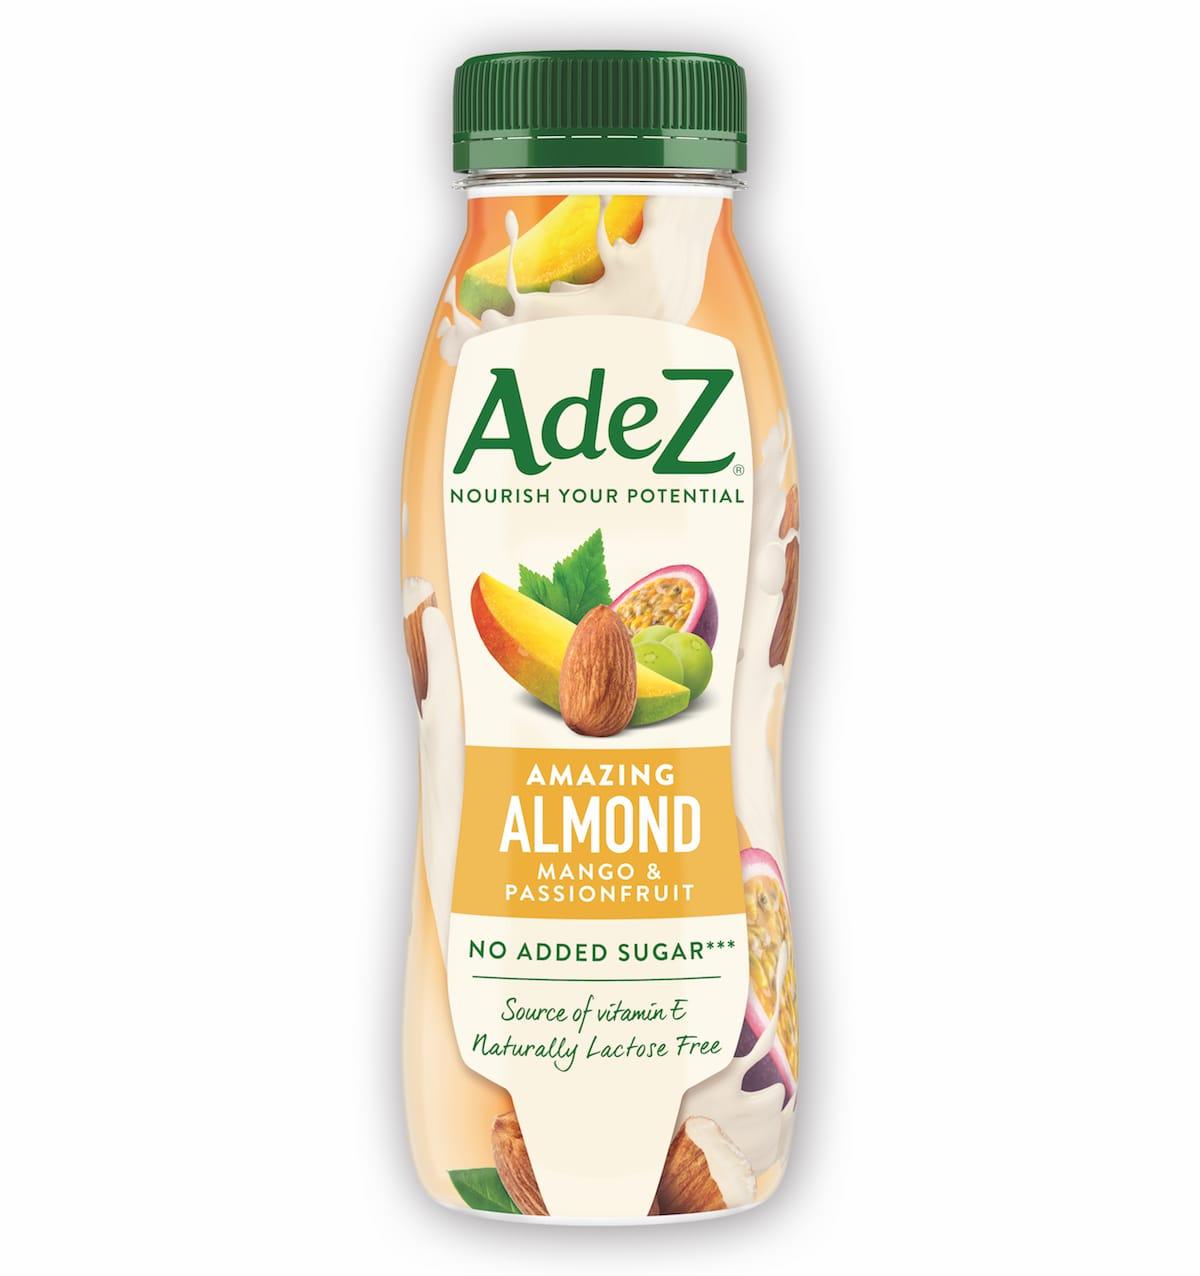 Ilustrační podoba balení rostlinného mléka AdeZ z produkce Coca-Coly